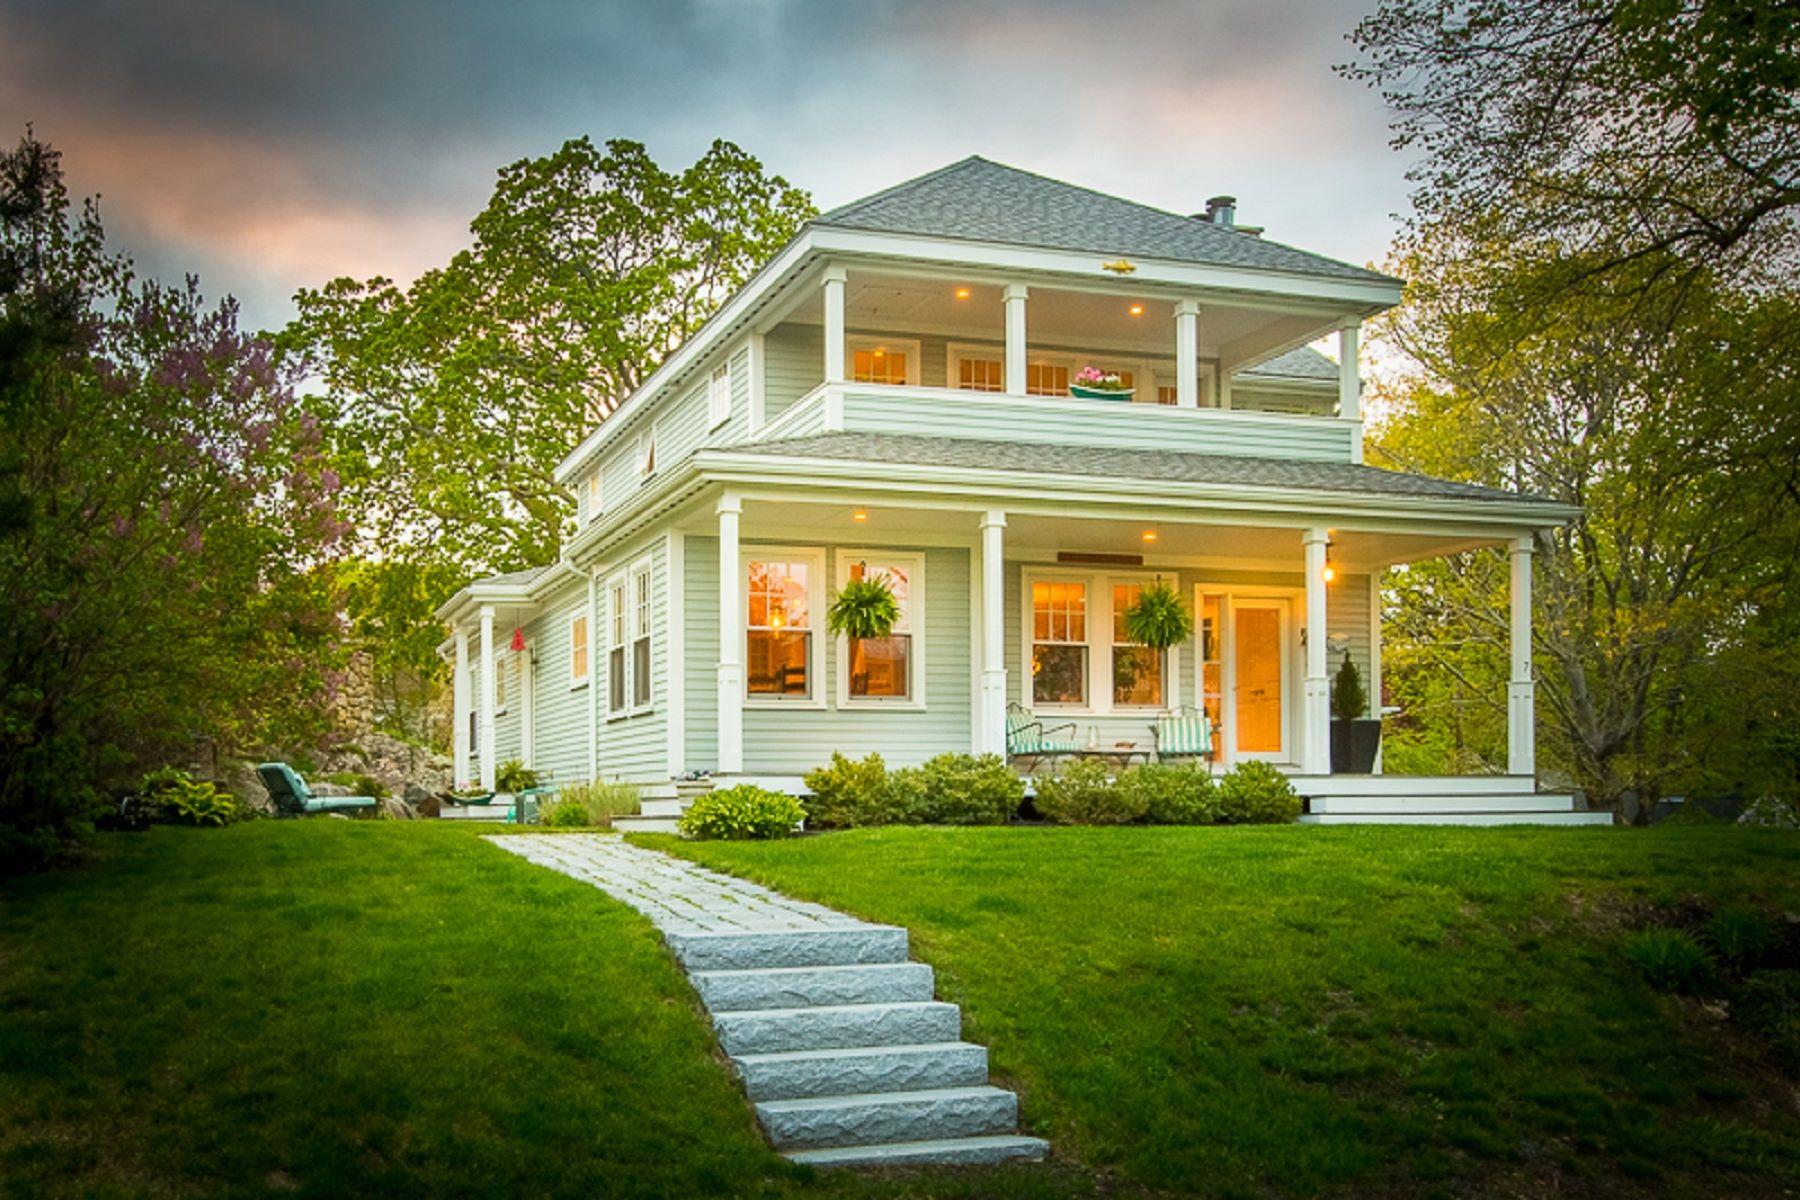 一戸建て のために 売買 アット First Light 7 West Orchard Street Marblehead, マサチューセッツ, 01945 アメリカ合衆国